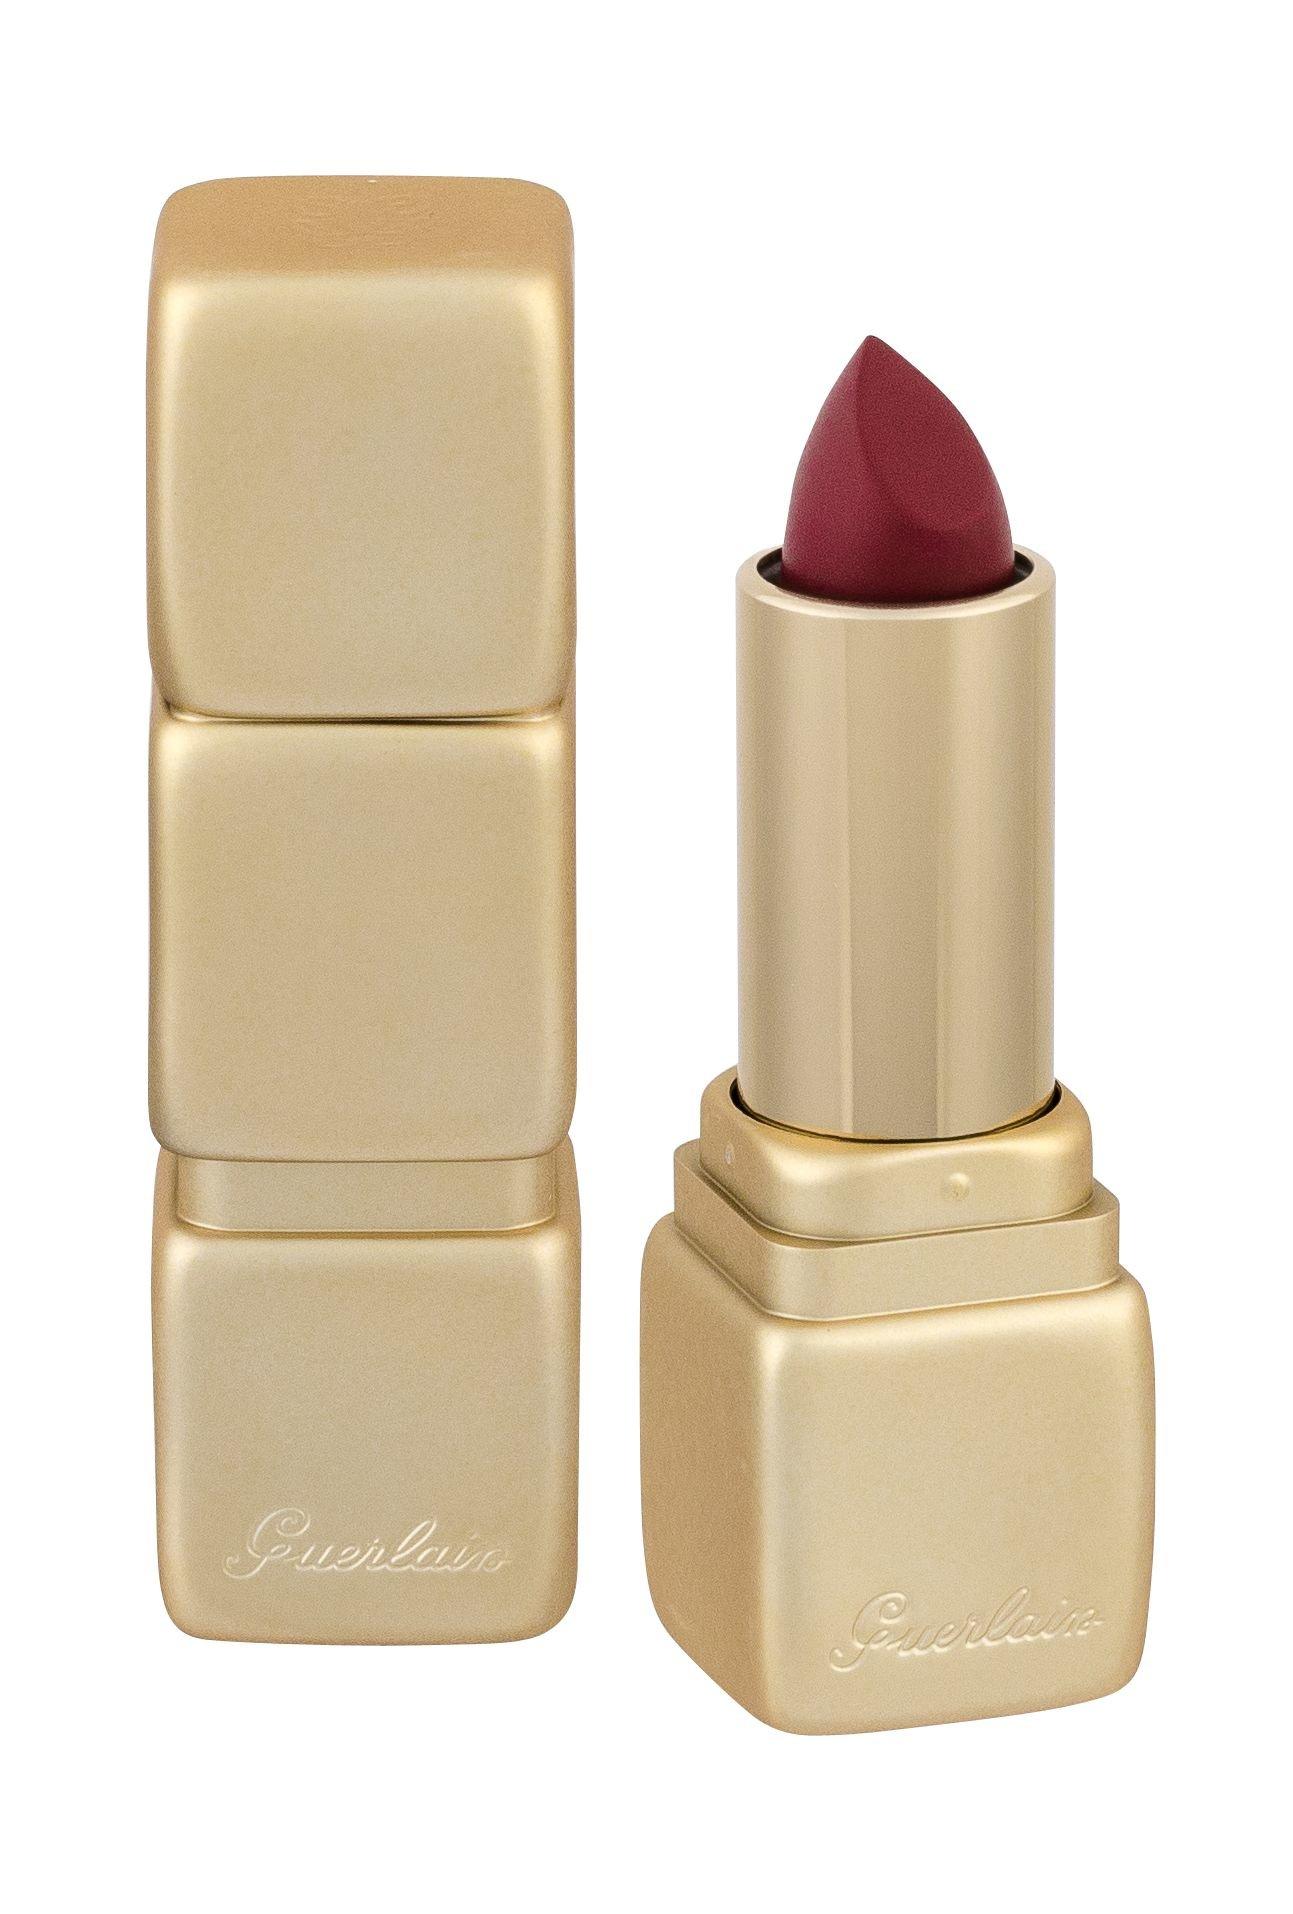 Guerlain KissKiss Lipstick 3,5ml M307 Crazy Nude